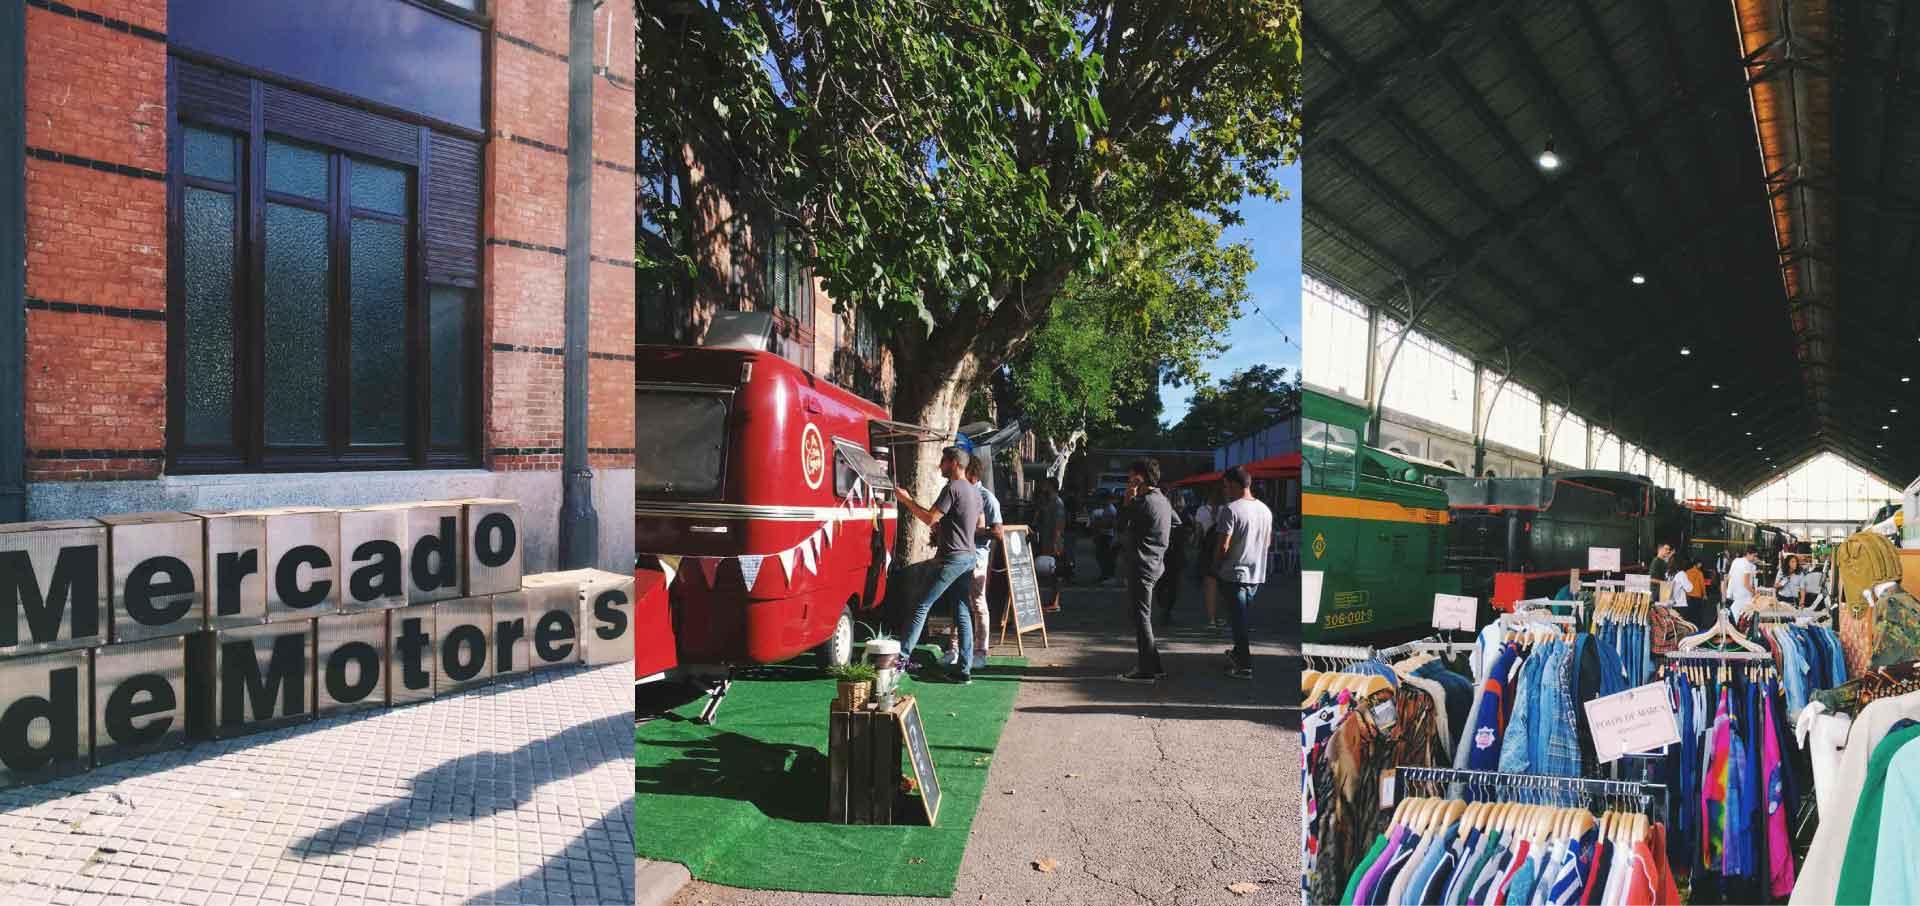 Mercado_de_Motores_COVER